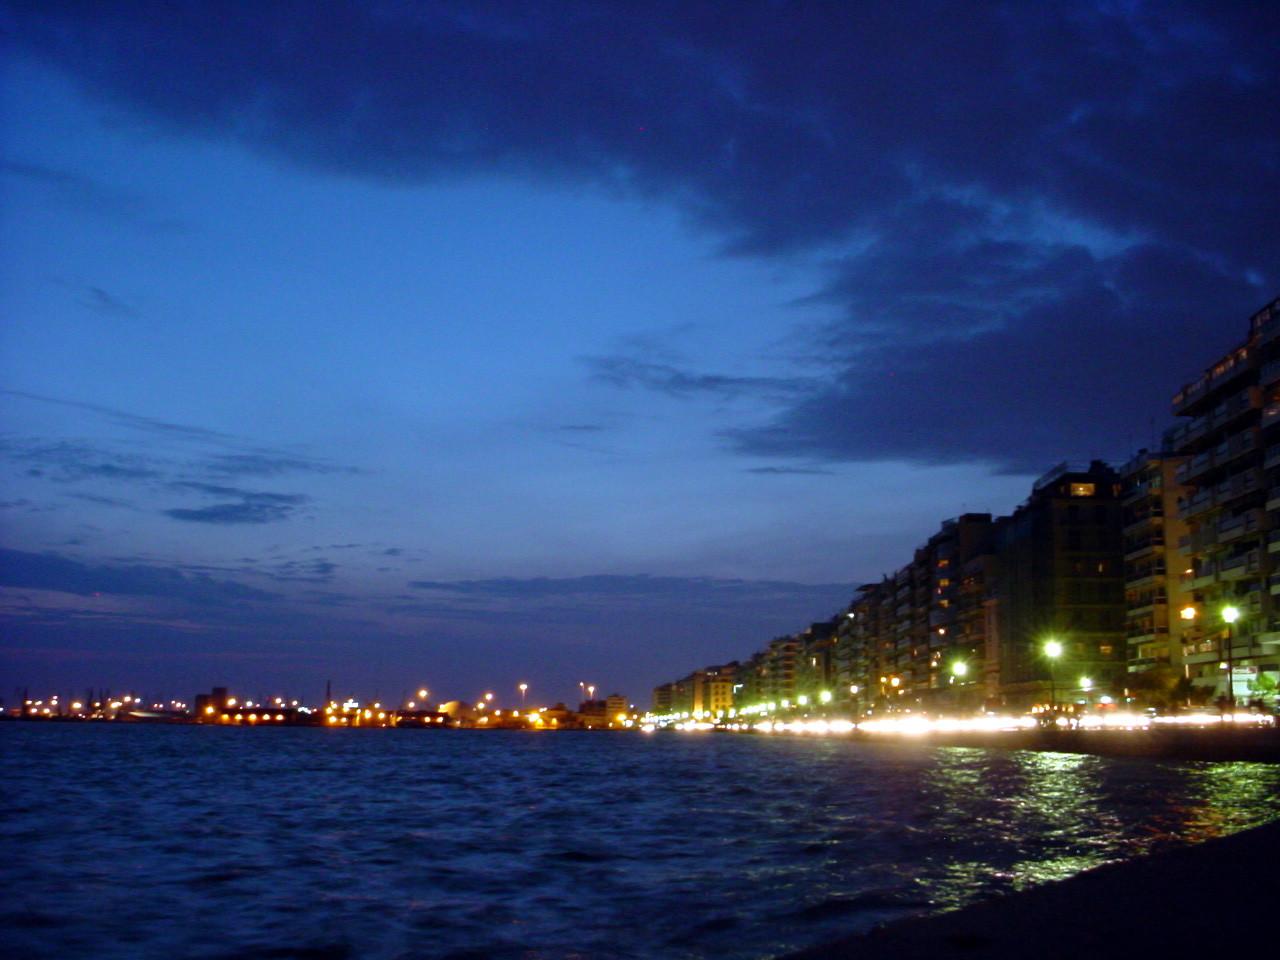 La ville la plus festive de Thessalonique !